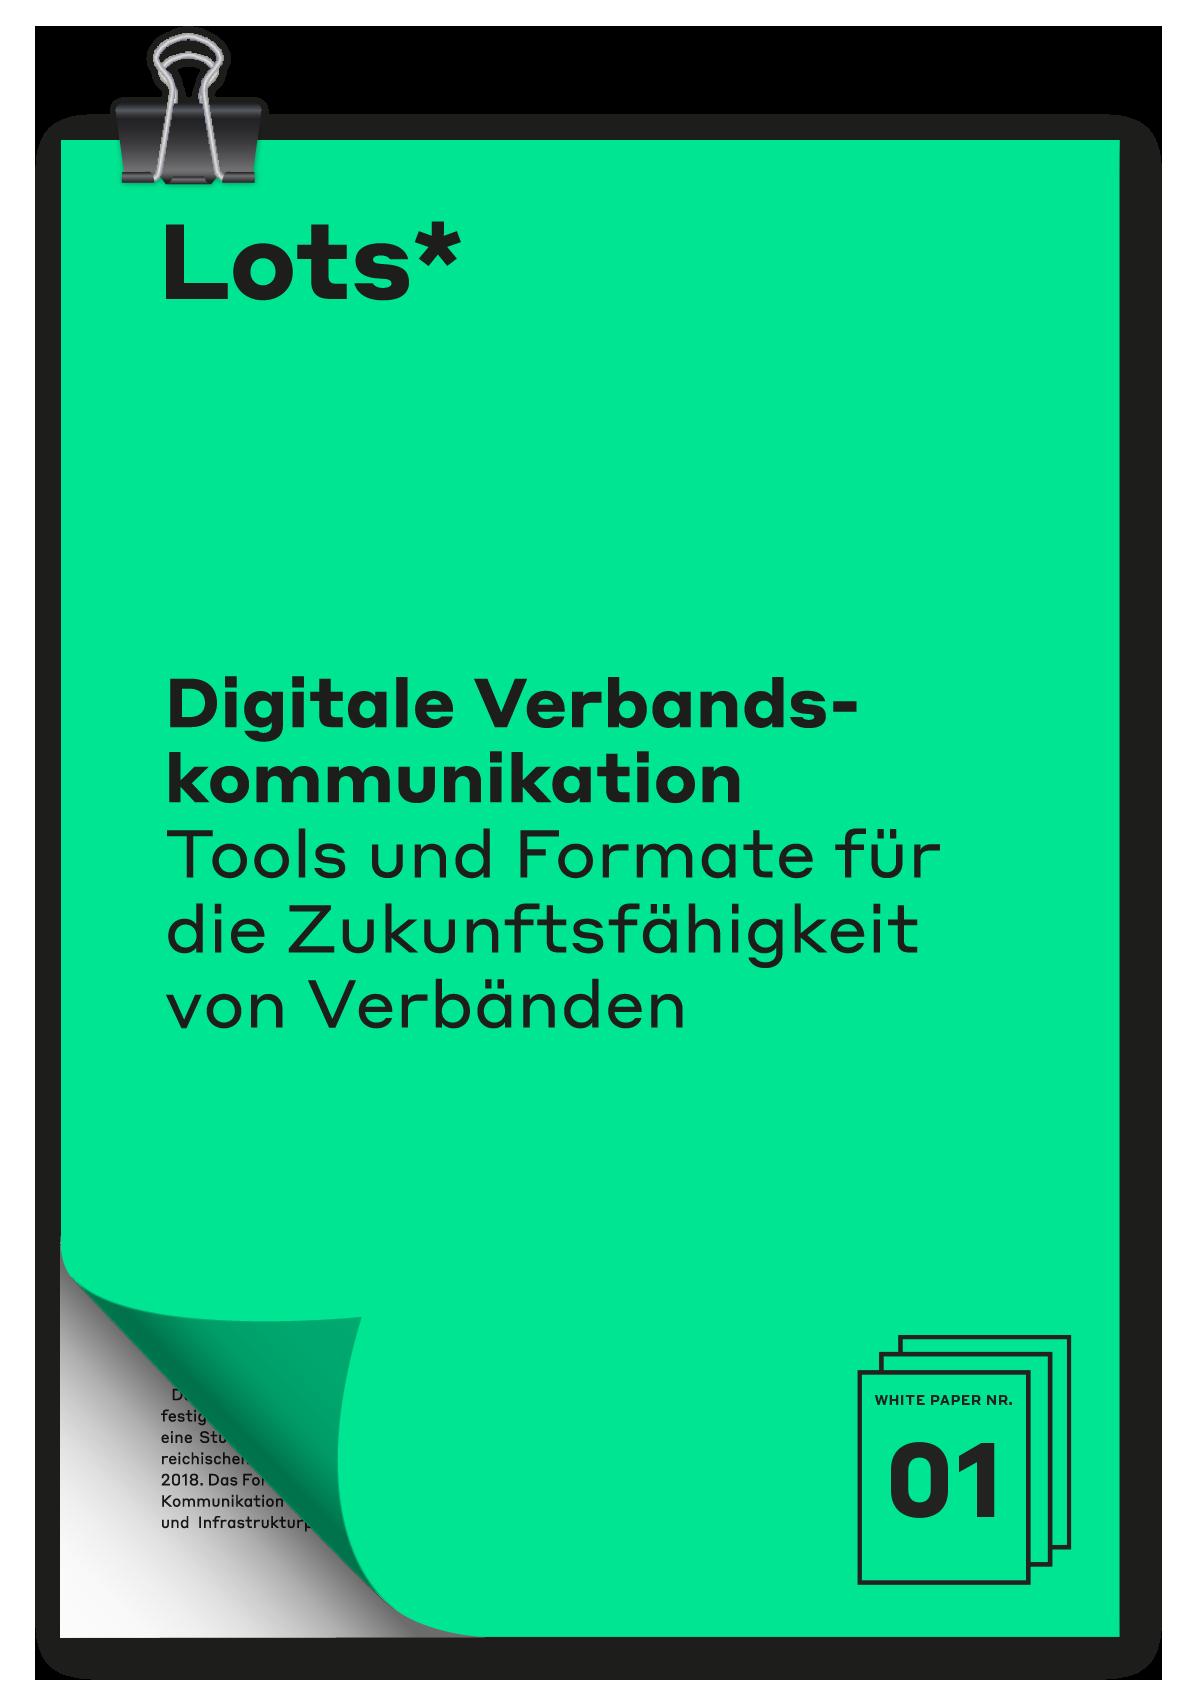 WP_Digitale-Verbandskommunikation_Cover